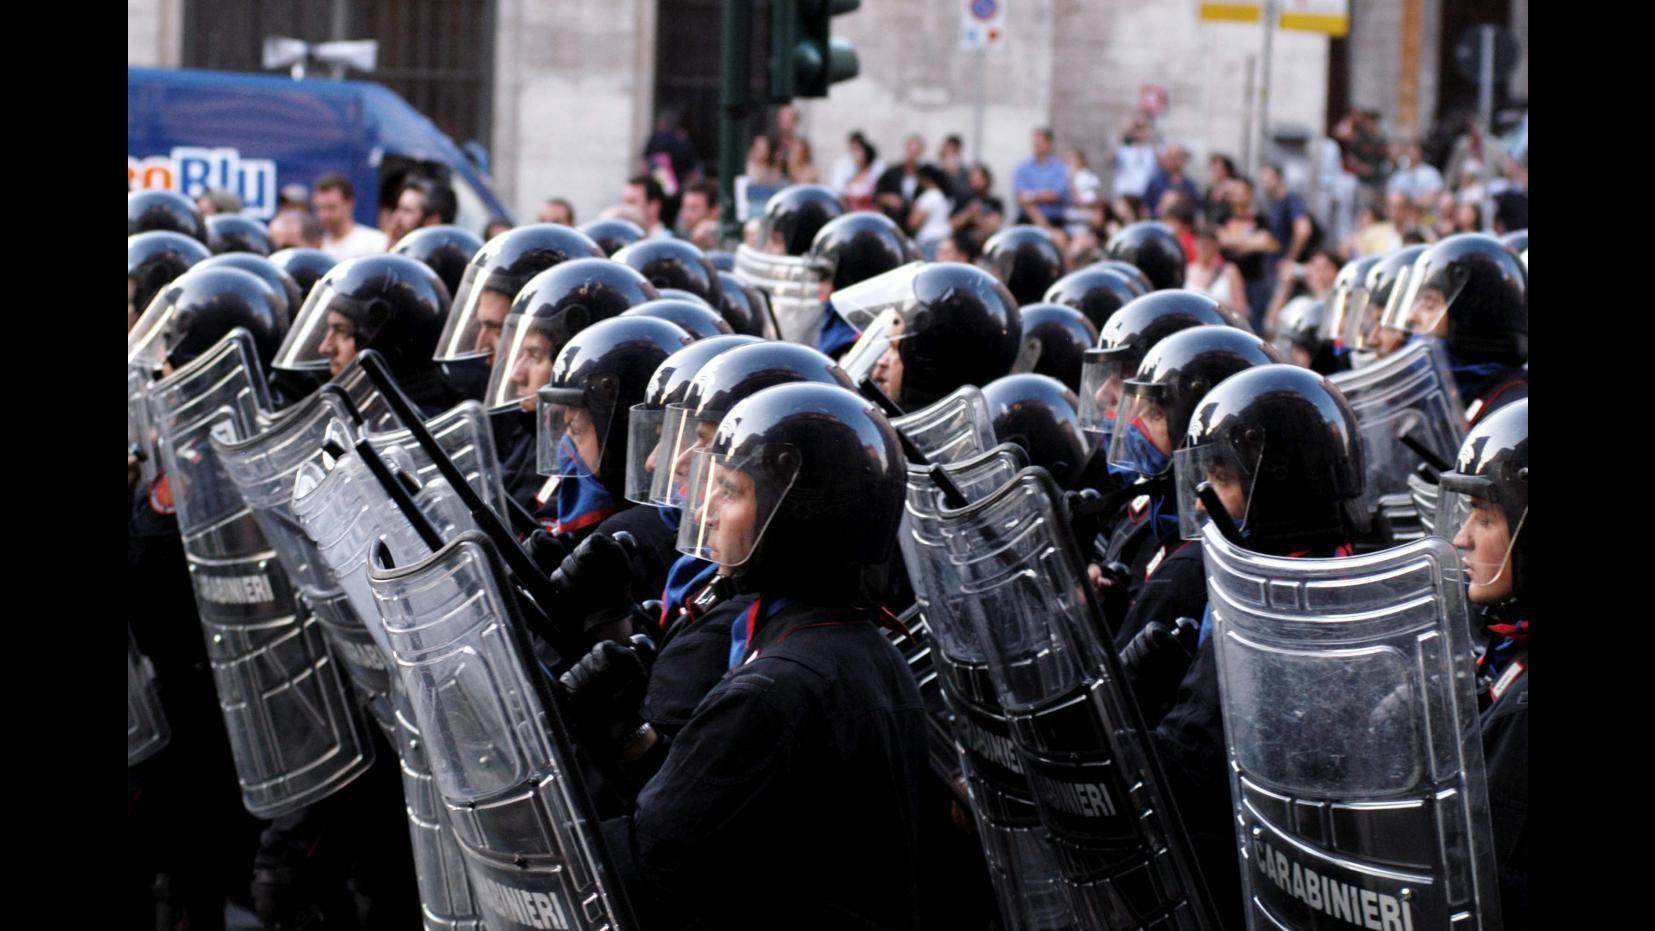 Milano, cameraman aggredito dopo tensioni a presidio anti Monti